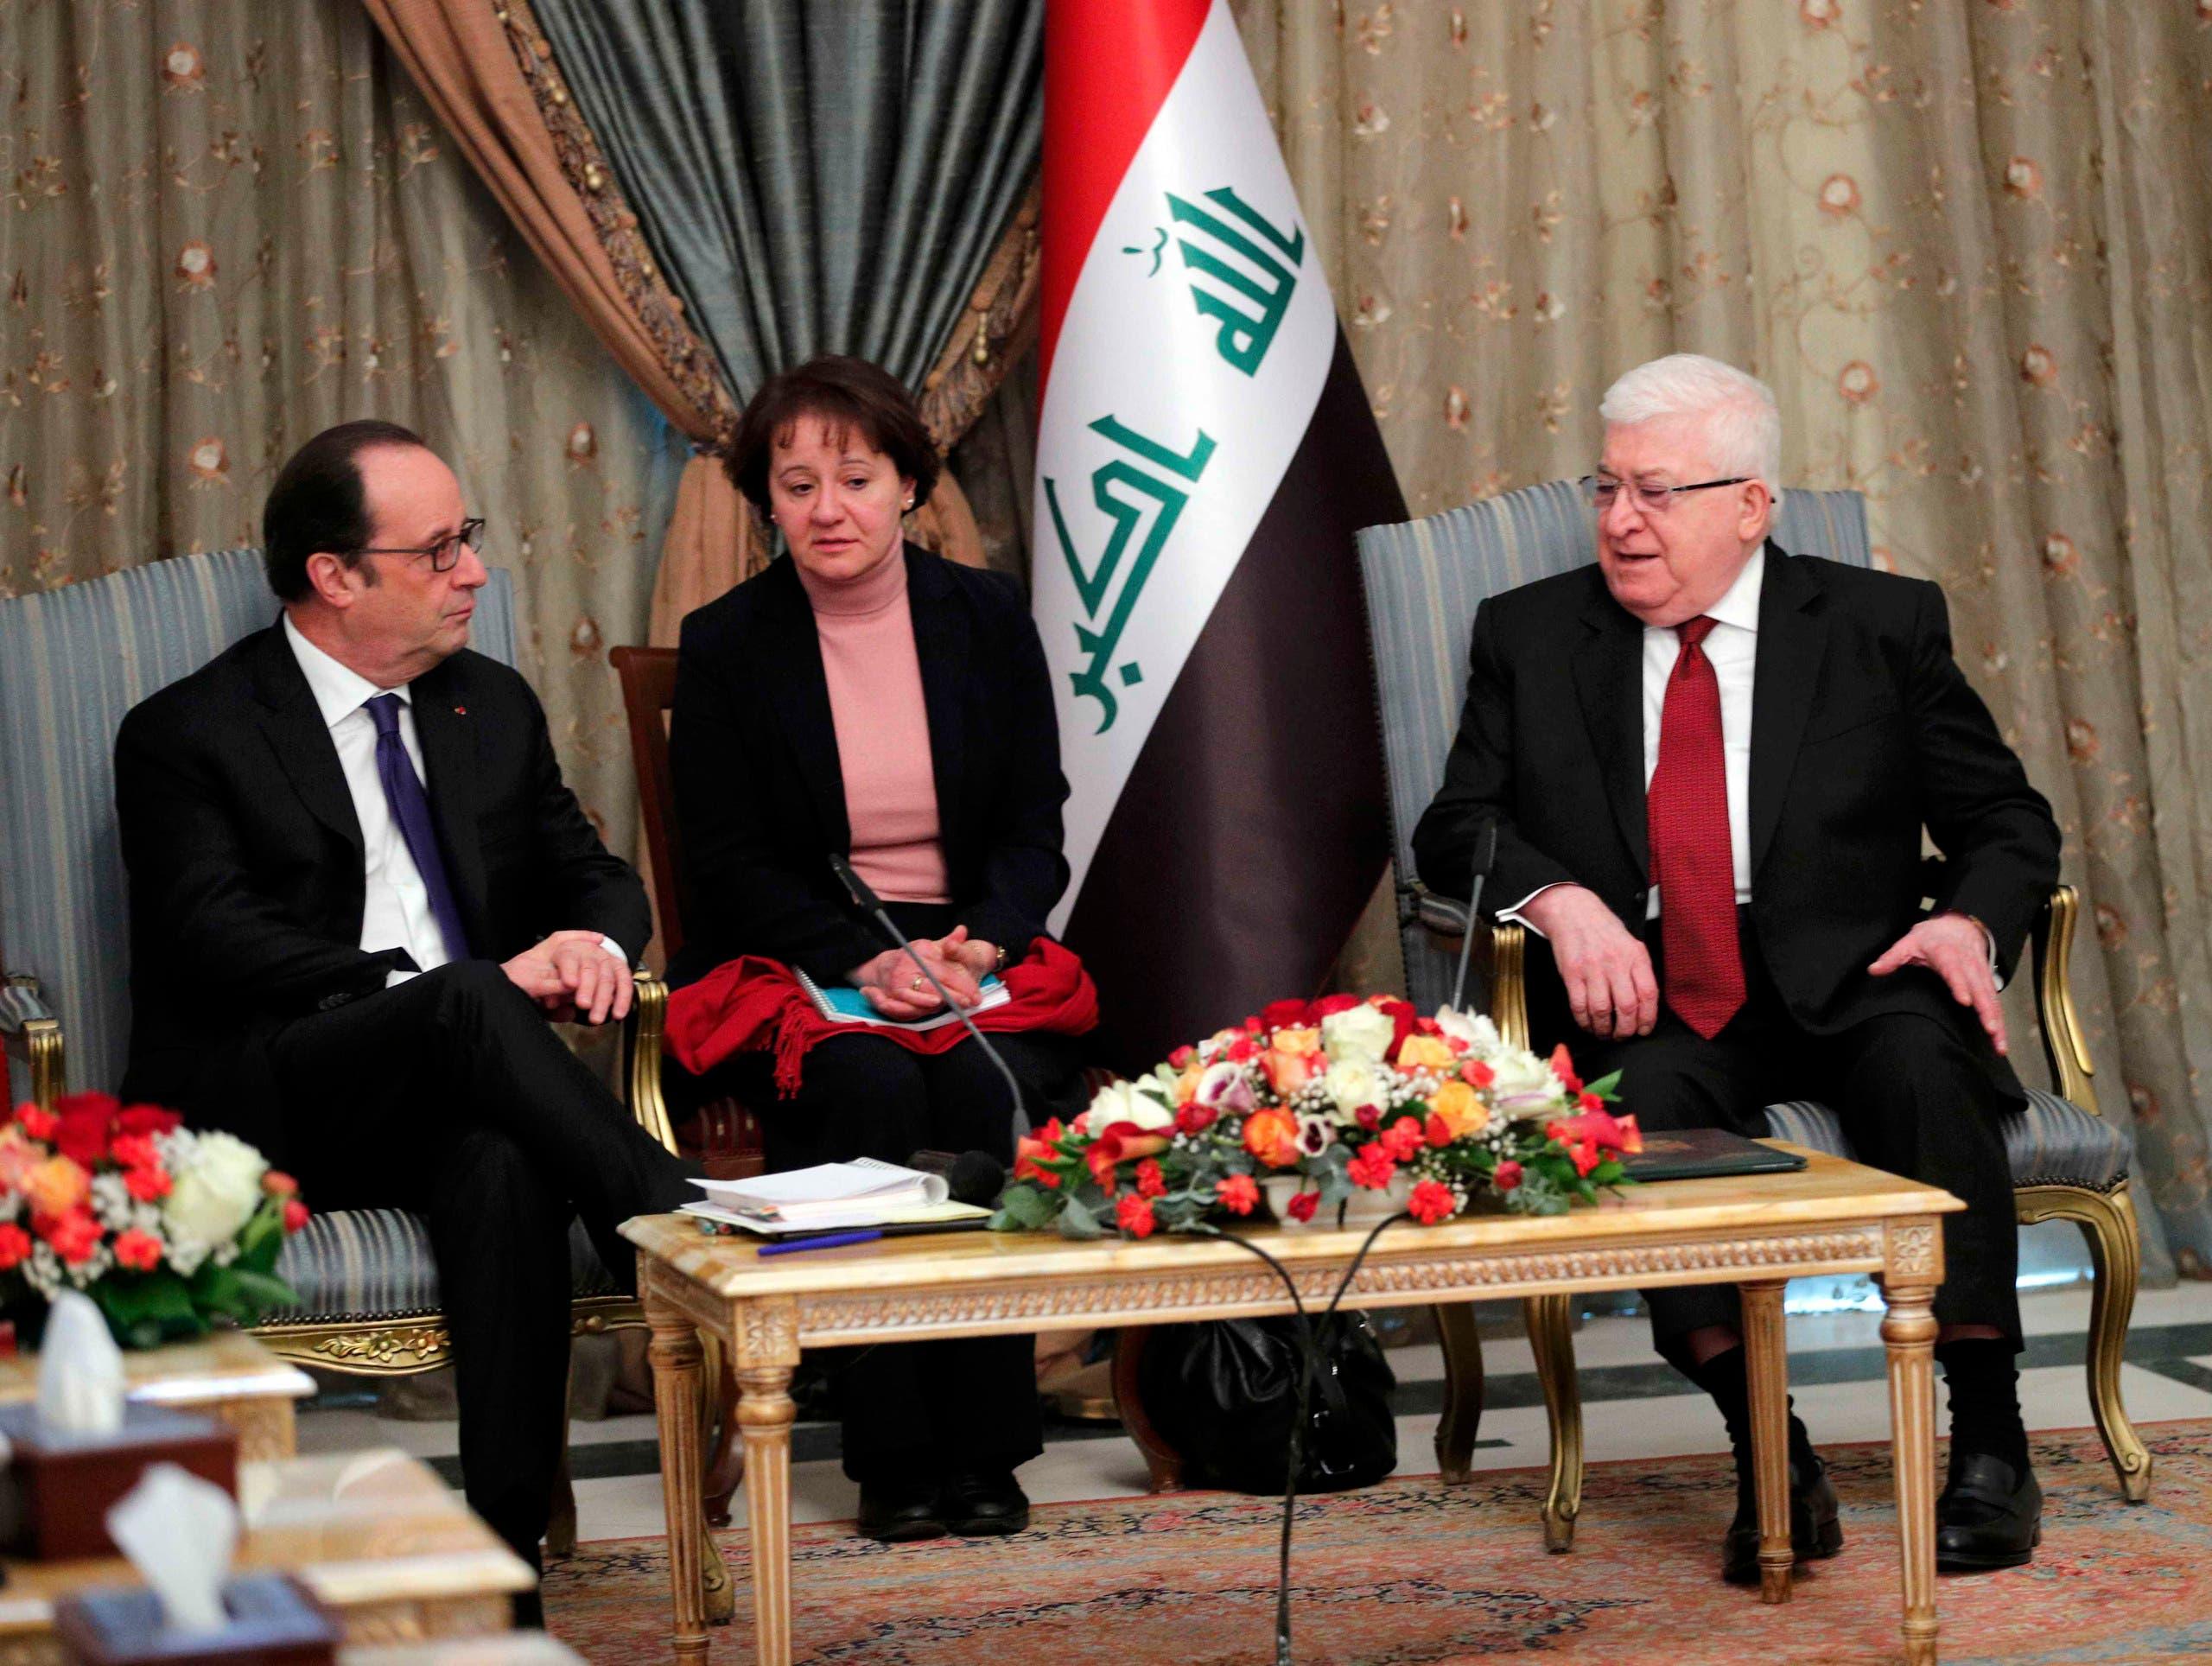 فرانسوا اولاند رئیس جمهوری فرانسه در دیدار با فواد معصوم رئیس جمهوری عراق